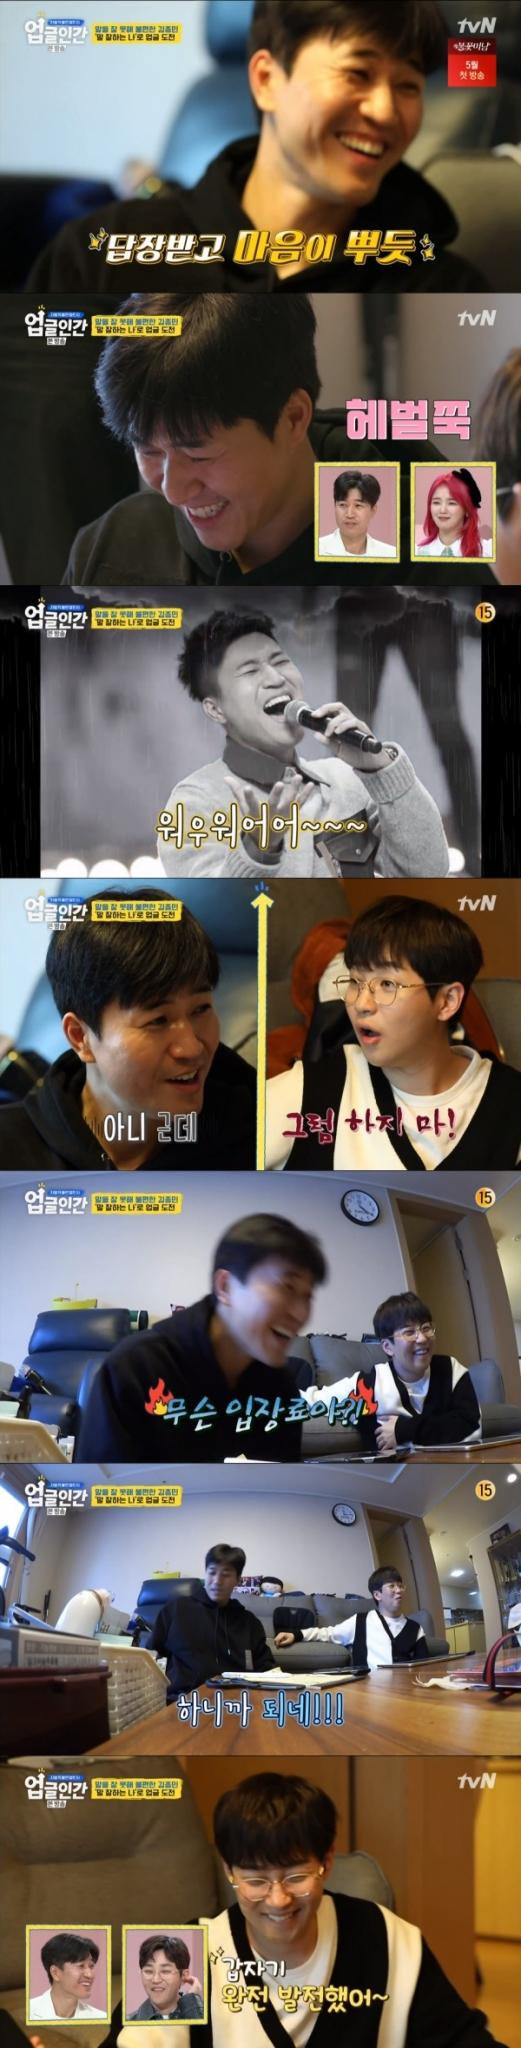 tvN '업글인간' 방송 화면 캡처 © 뉴스1